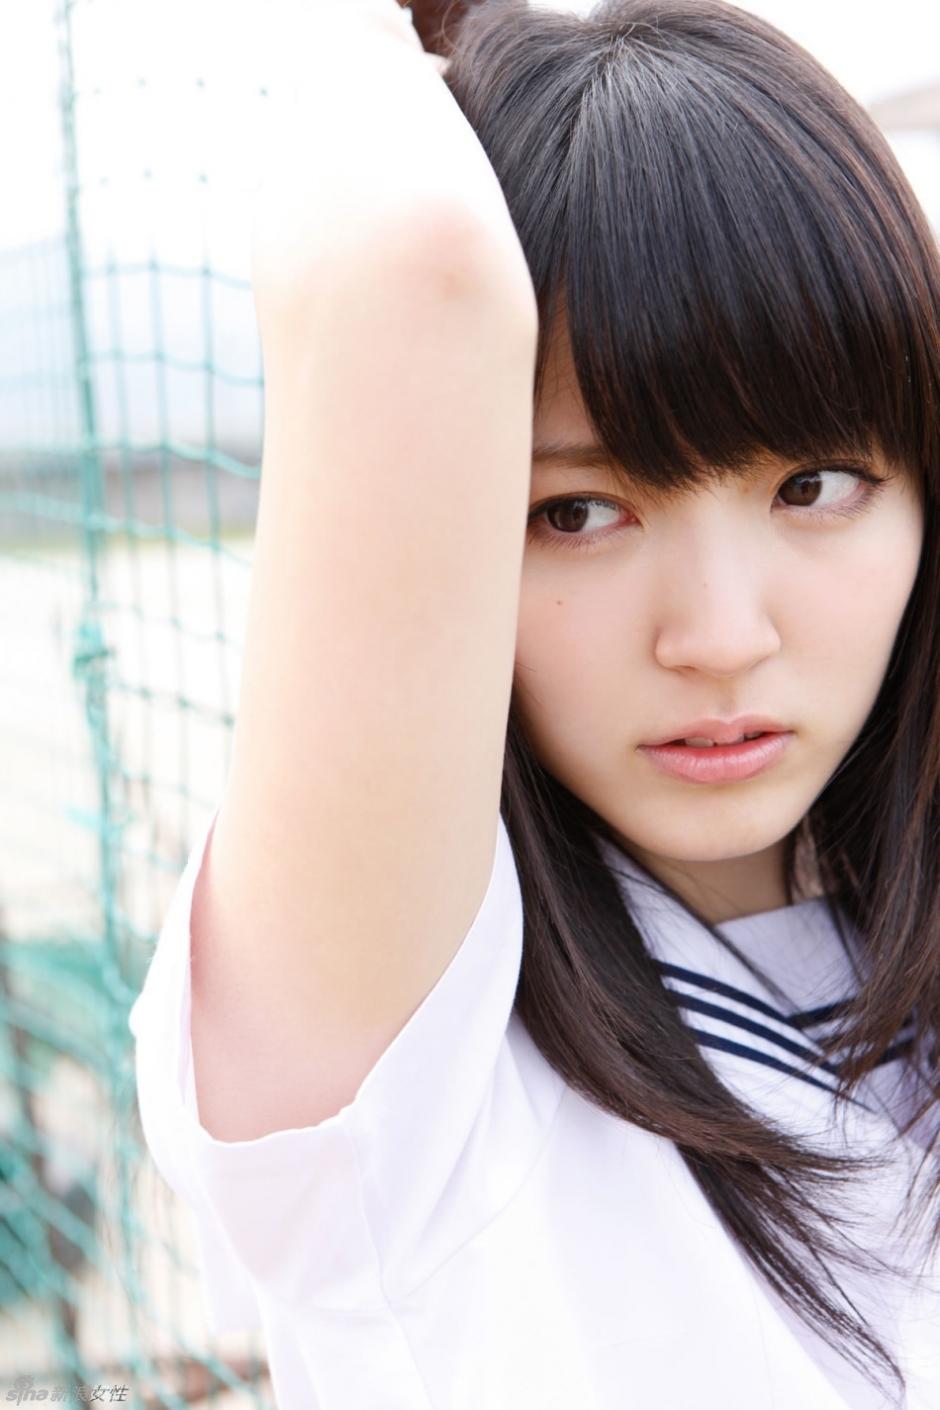 日本电眼萌妹铃木爱理穿上制服瞬间变身萌萌哒学生妹,清新少女气质